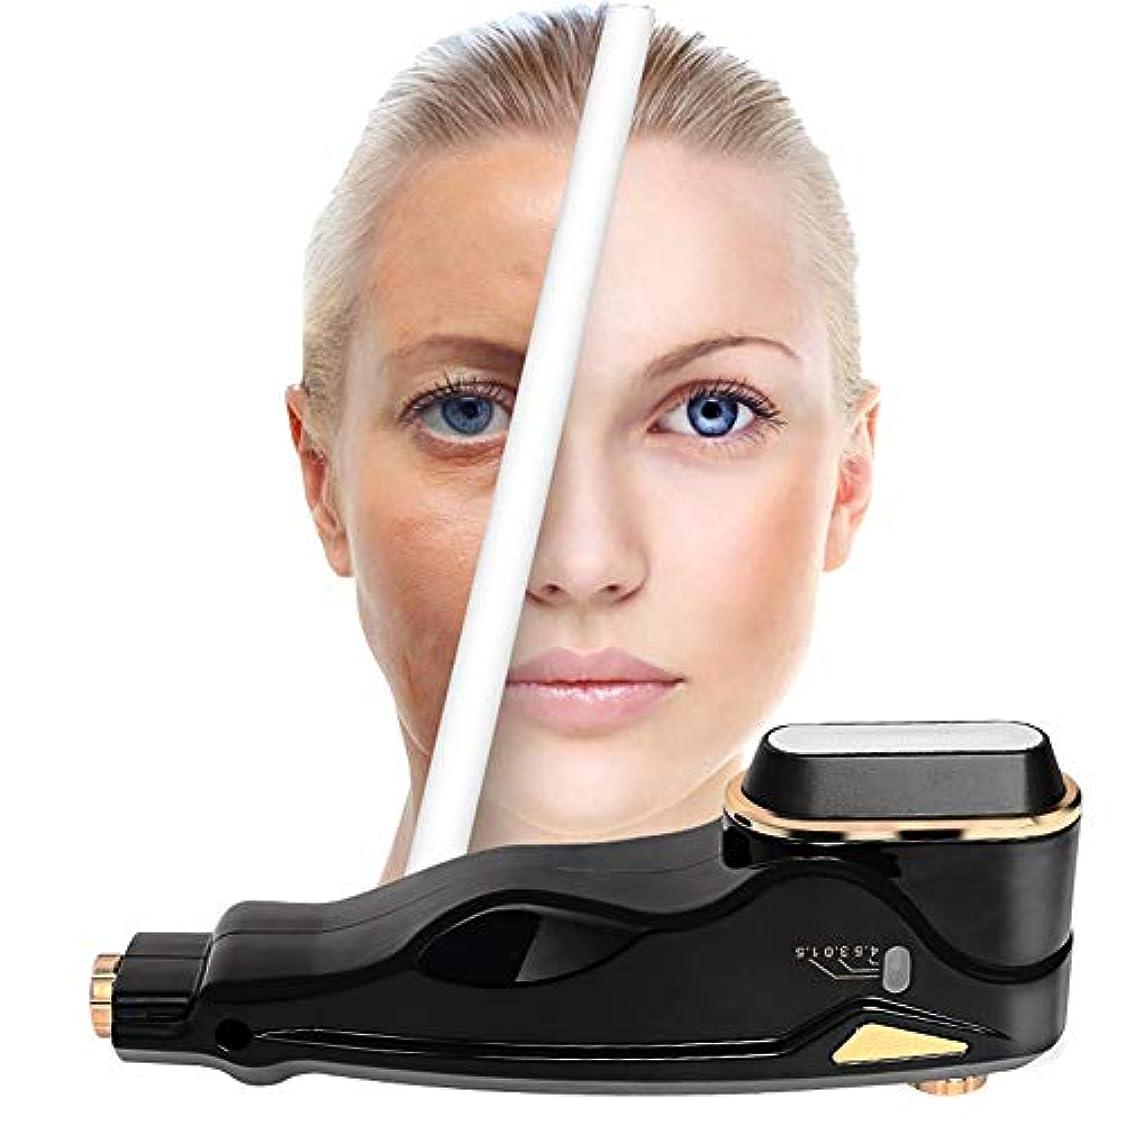 不正確死傷者奨学金しわの除去&顔の肌を振動させて抗しわ肌高周波顔面マシンを締めるためのフェイスマッサージャー最高のスキンケアスパHIFUダイヤモンドマイクロダーマブレーション